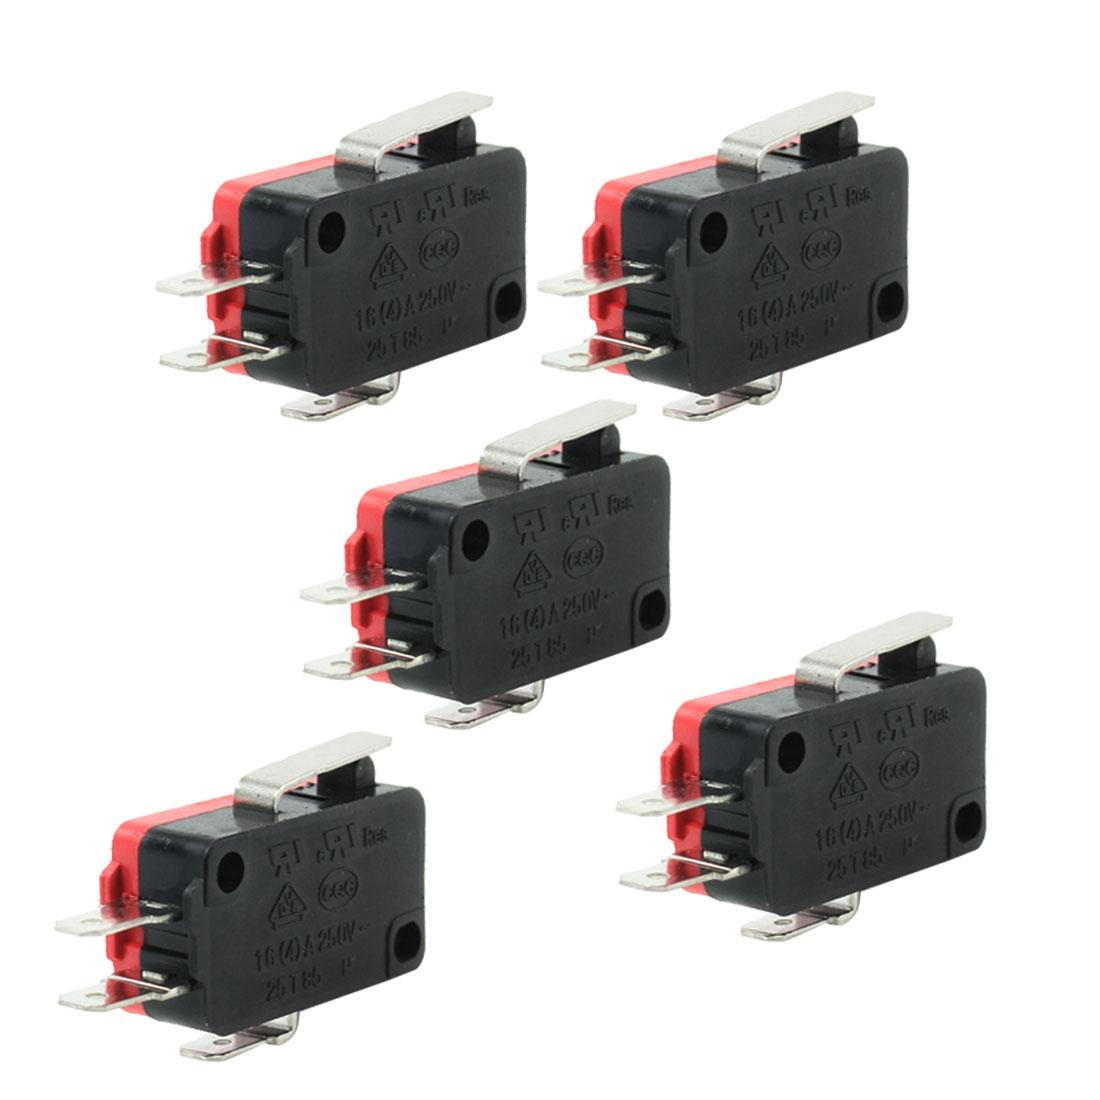 5 Pcs 1NO+1NC Press Actuator Limit Micro Switch AC 250V 16A 4A